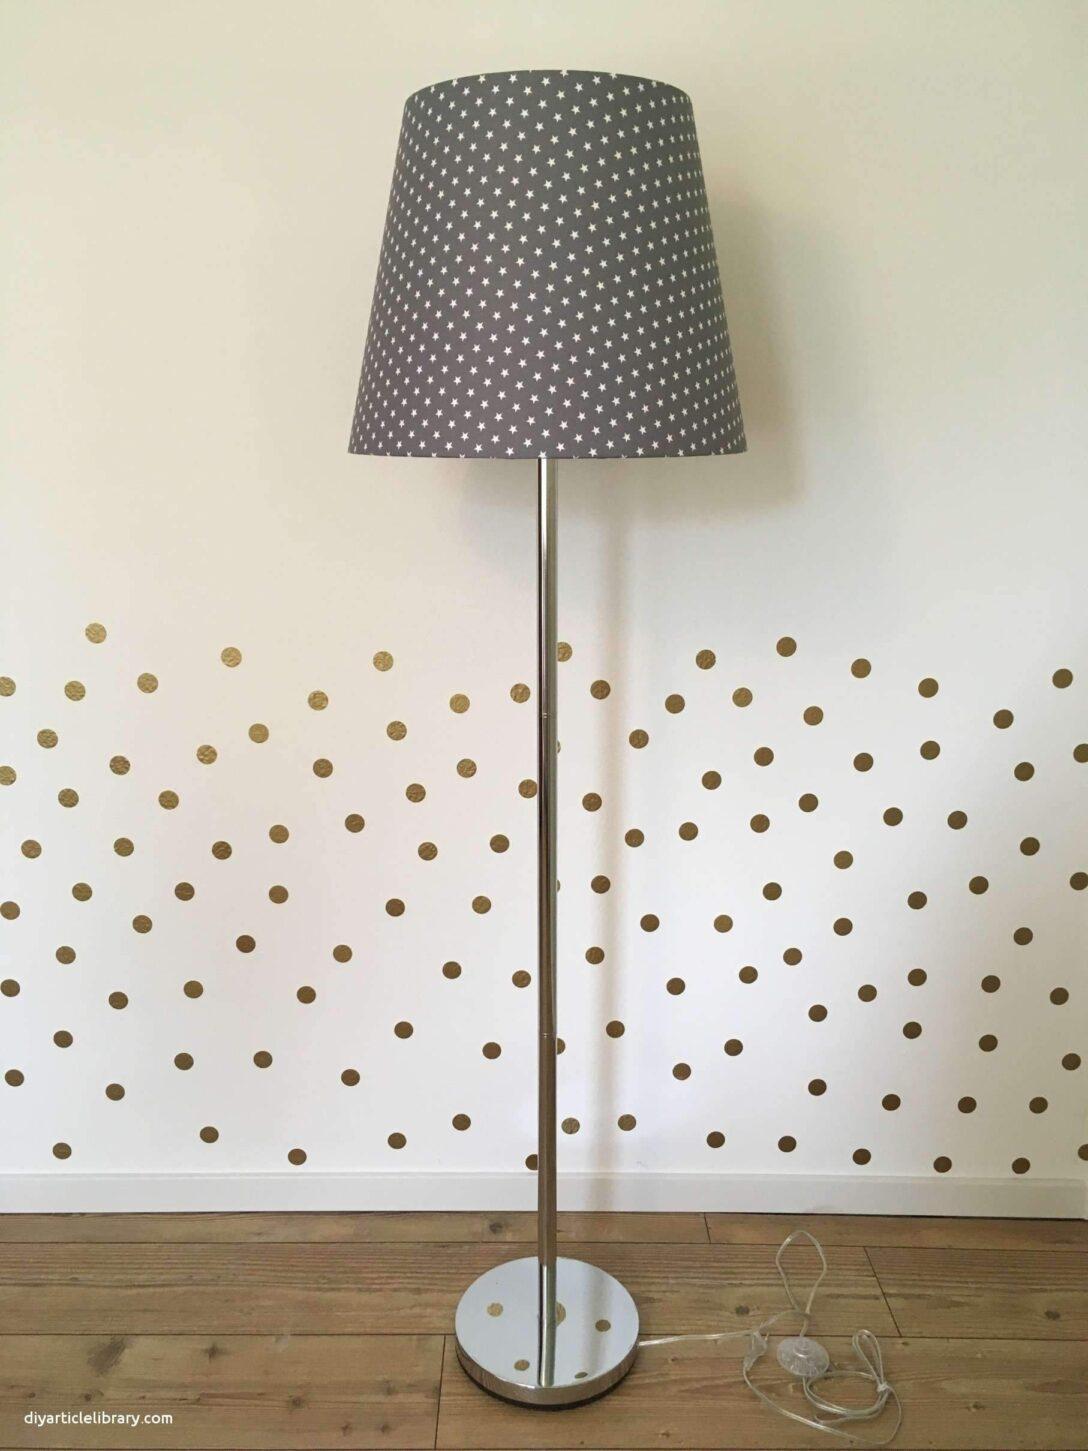 Large Size of Moderne Stehlampe Wohnzimmer 34 Luxus Stehlampen Inspirierend Frisch Vitrine Weiß Deckenlampe Stehleuchte Hängeleuchte Beleuchtung Teppich Gardinen Wohnzimmer Moderne Stehlampe Wohnzimmer